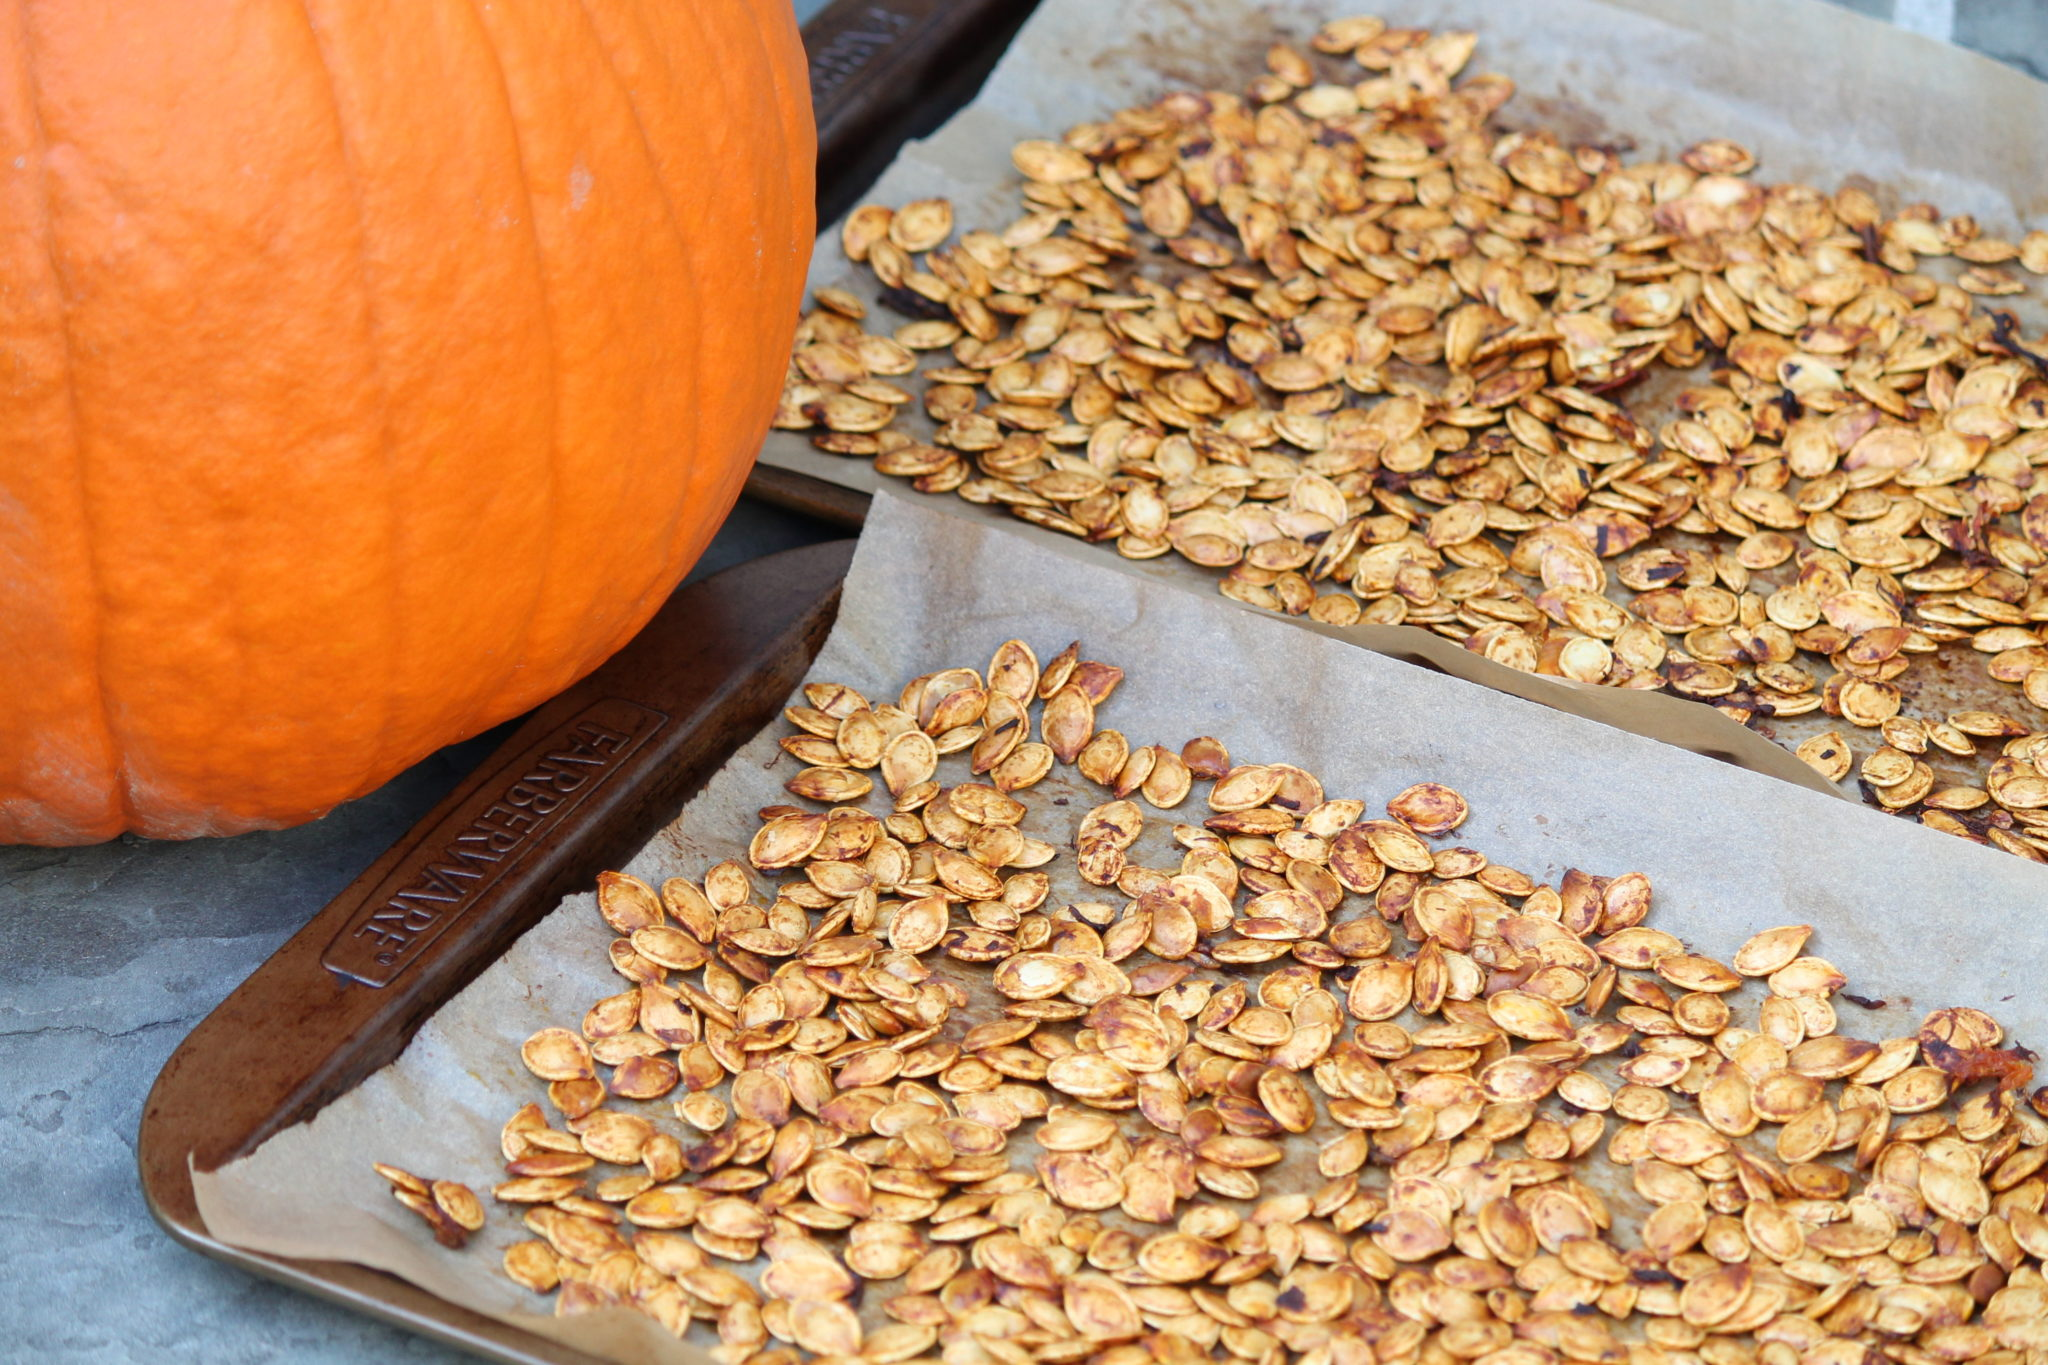 Watch How to Roast Pumpkin Seeds video